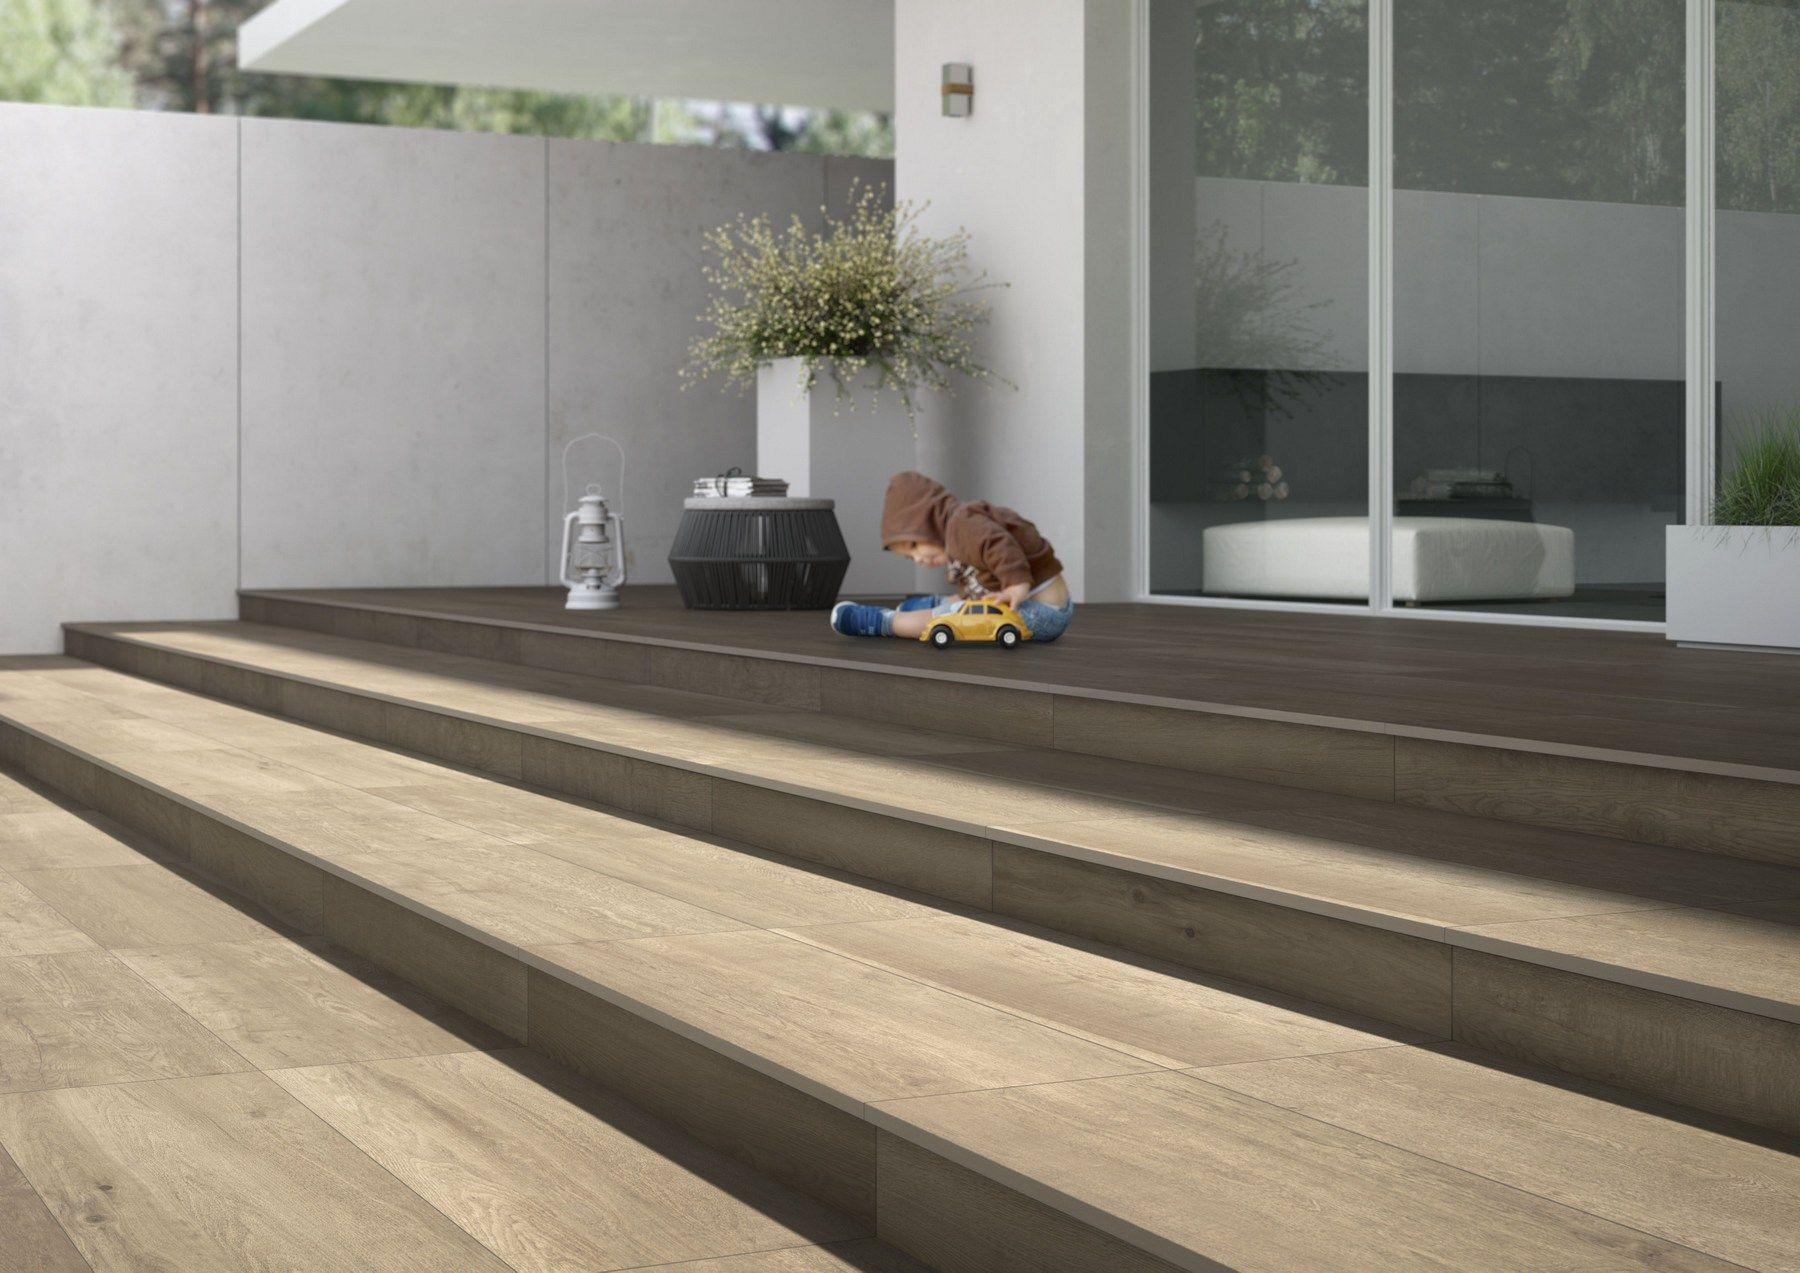 rev tement de sol mur en gr s c rame effet bois pour. Black Bedroom Furniture Sets. Home Design Ideas